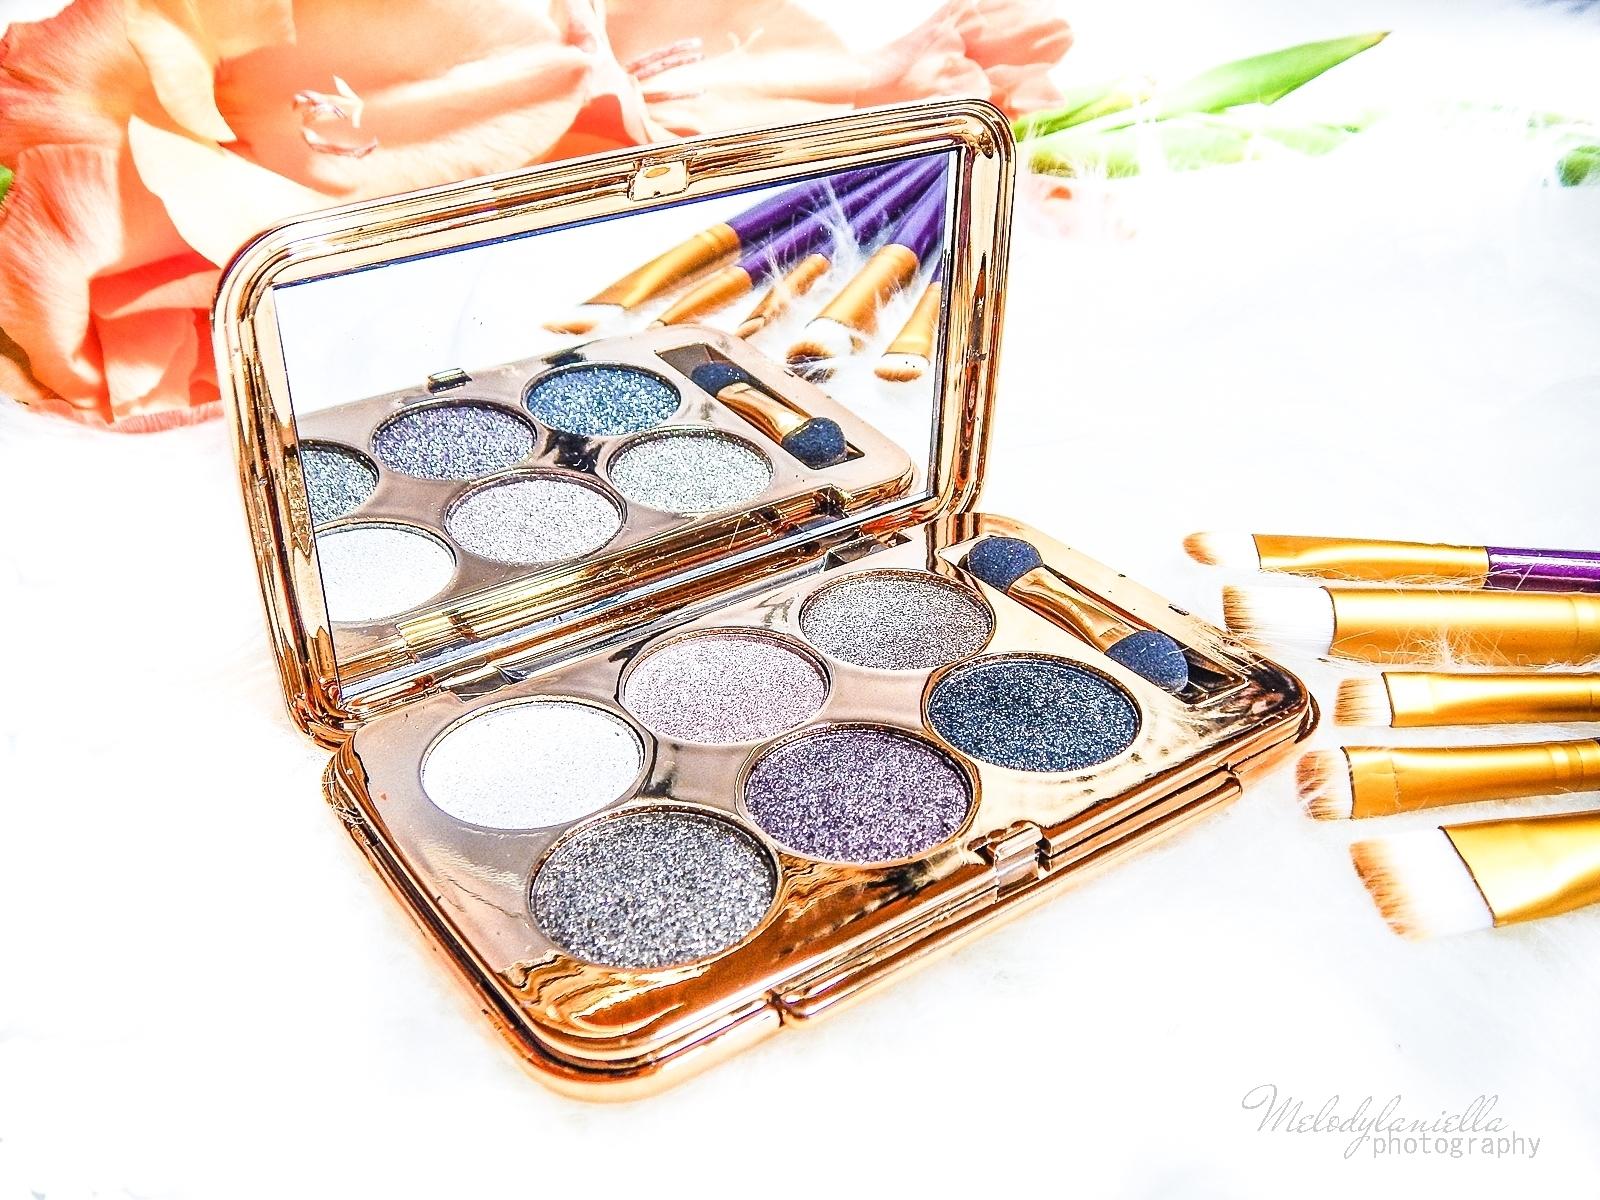 8 azjatyckie chińskie kosmetyki recenzja melodylaniella beauty paleta 6 cieni brokatowe cienie do powiek sammydress cienie do powiek ze złotem i brokatem karnawałowy makkijaż